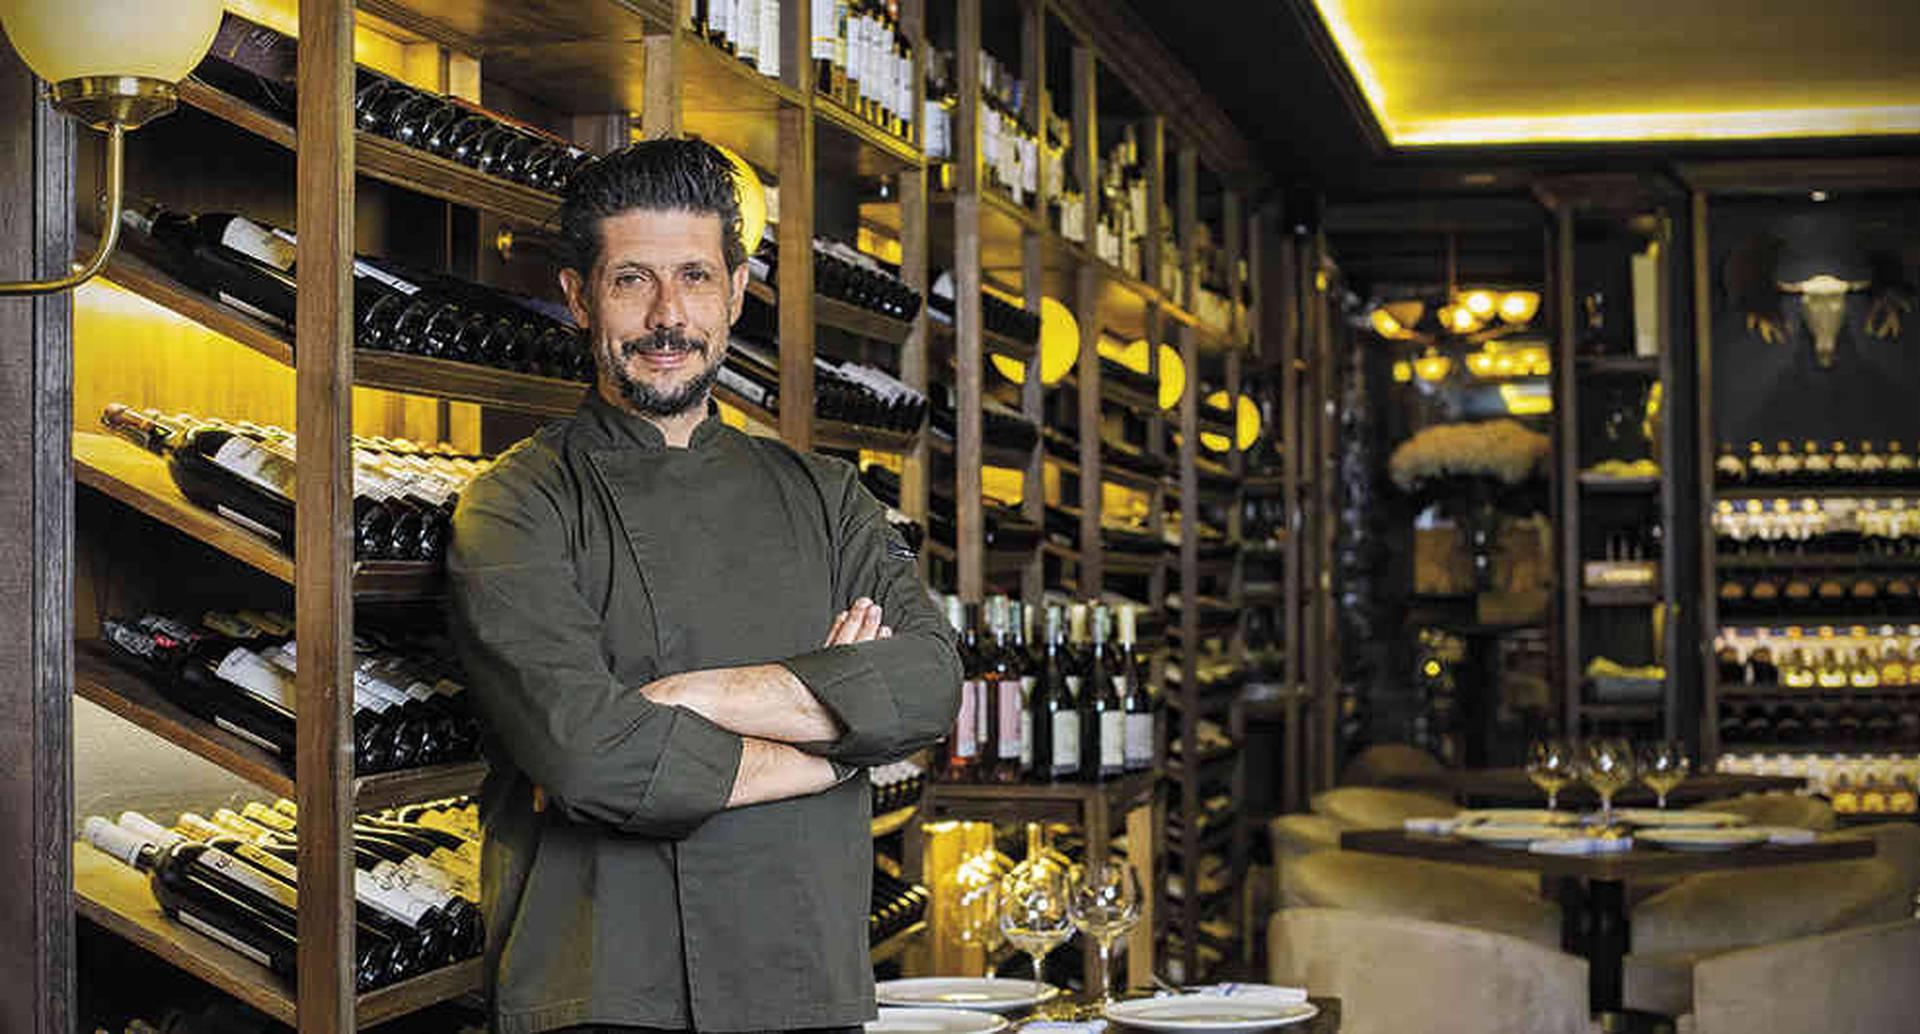 """""""He sido pionero en desarrollar una nueva zona gourmet en Bogotá, tanto que hoy mucha gente le tiene puesto el ojo para montar negocios similares aqui"""", afirma Tarditi."""